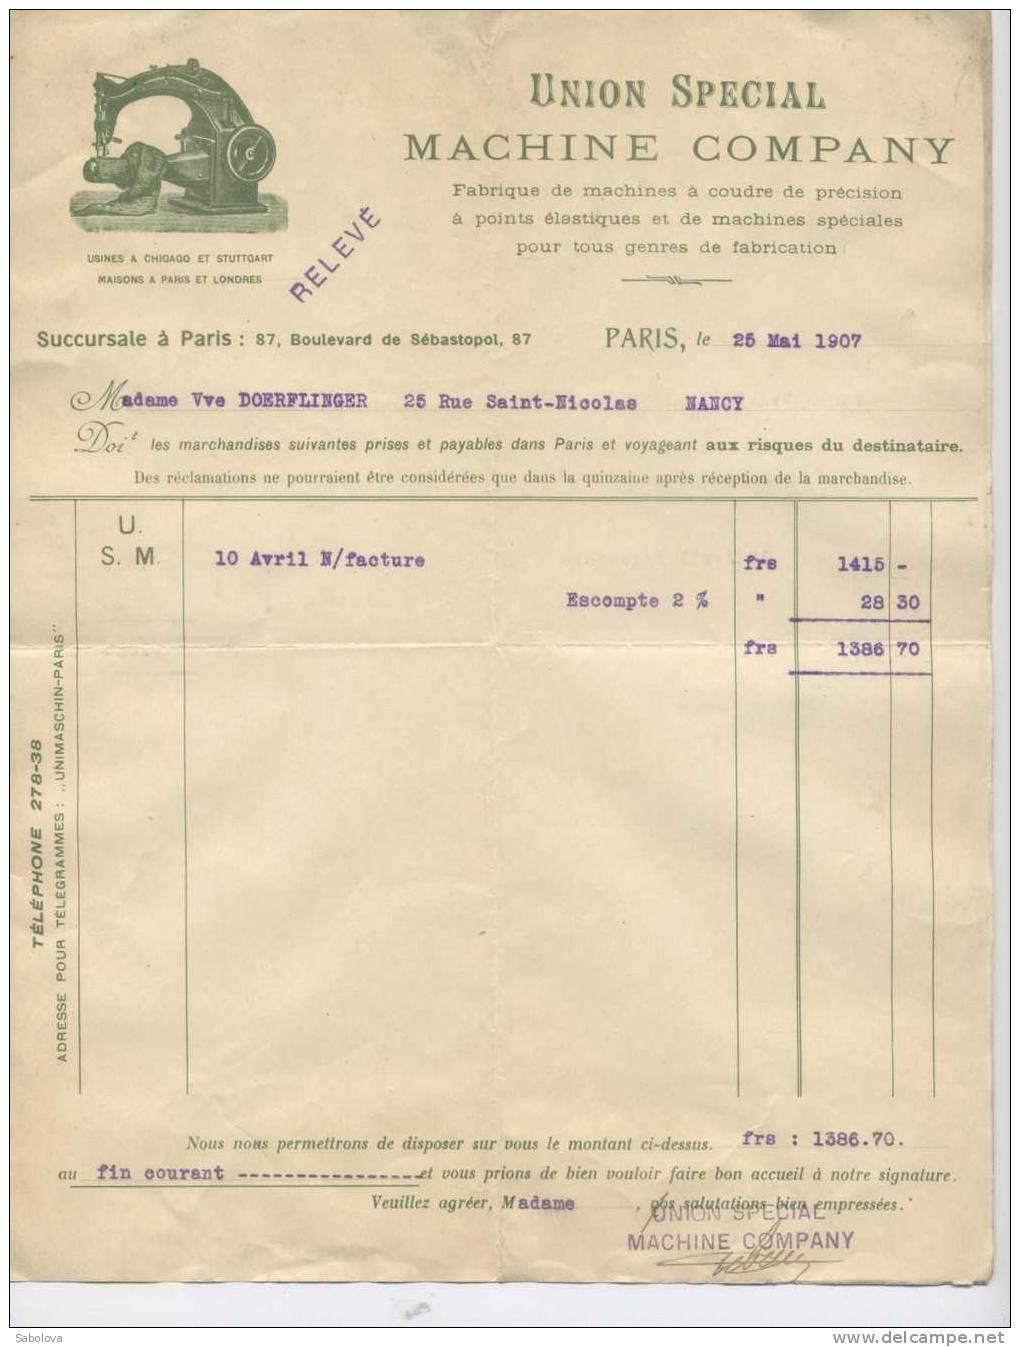 Facture  Union Spéciale Machine Company Machine à Coudre Paris 87 Bd Sébastopol - Fatture & Documenti Commerciali